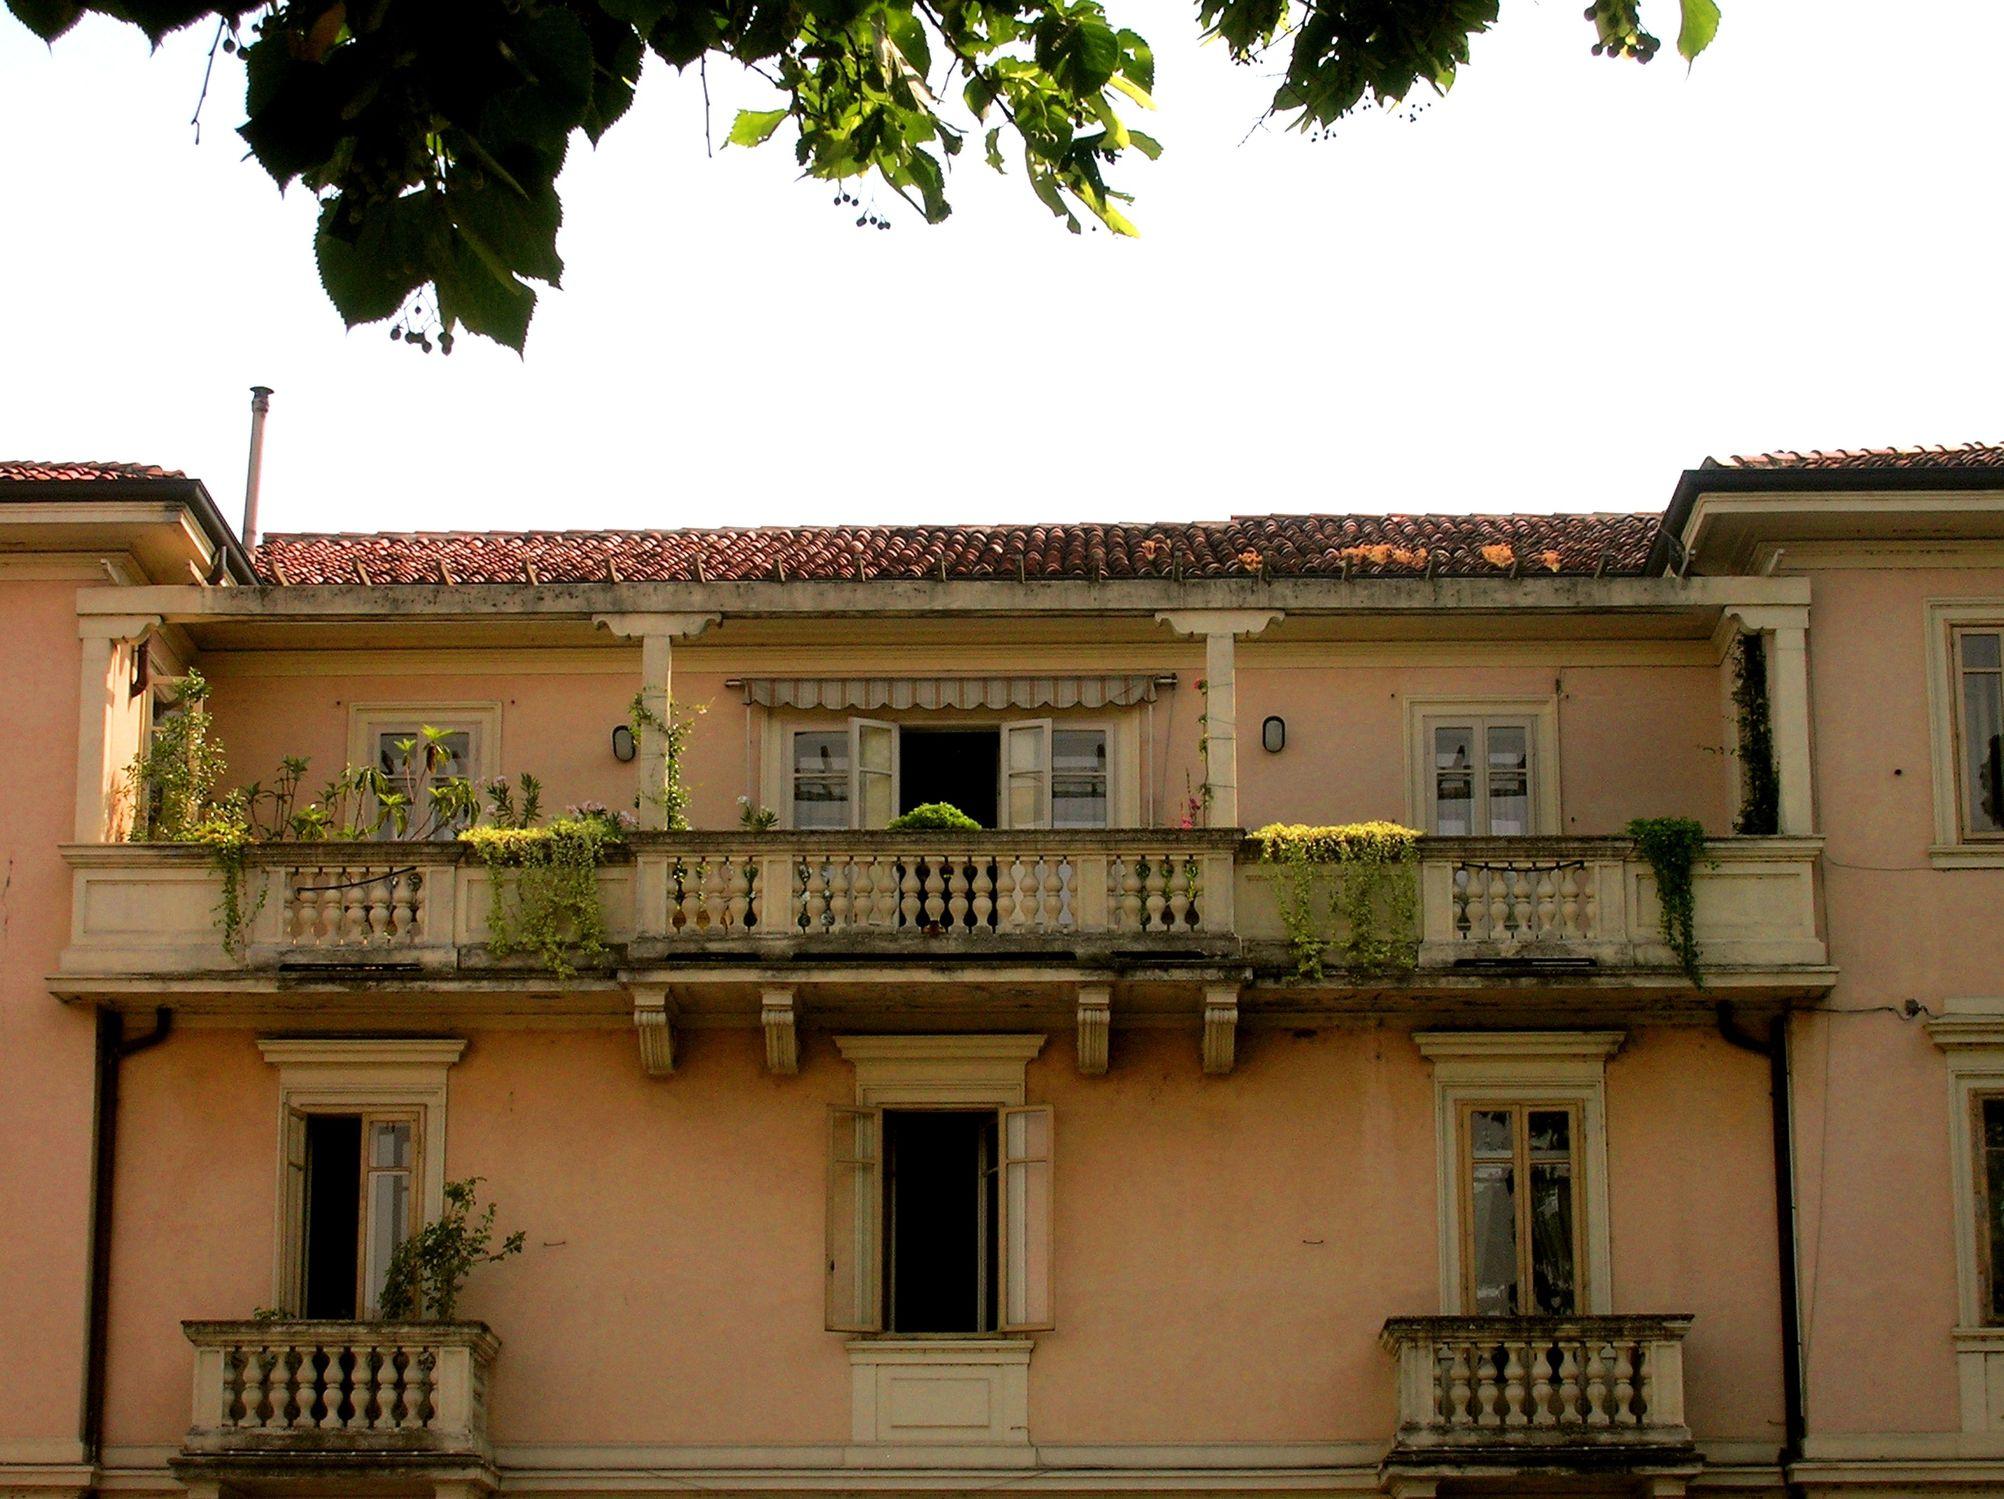 Bild mit Architektur, Bauwerke, Gebäude, Italien, Gardasee, Gebäudeteile, Häuser, Fenster, Balkone